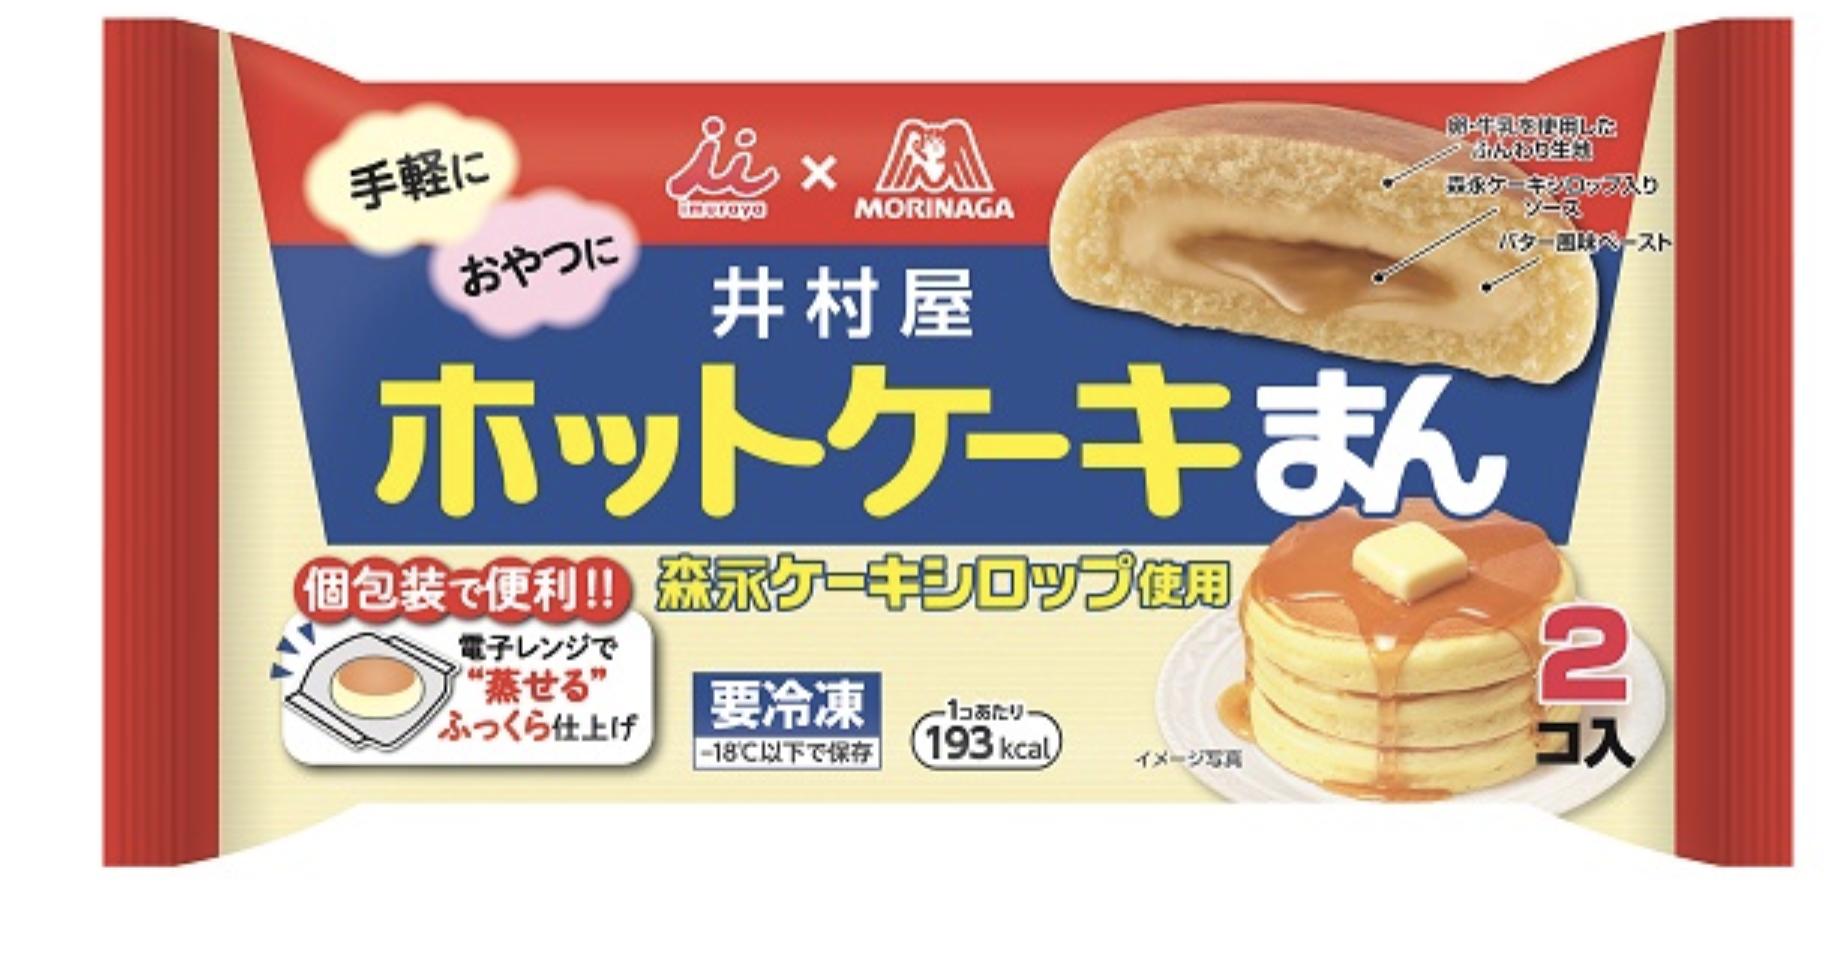 2020年9月25日リニューアル発売の『ホットケーキまん』画像3